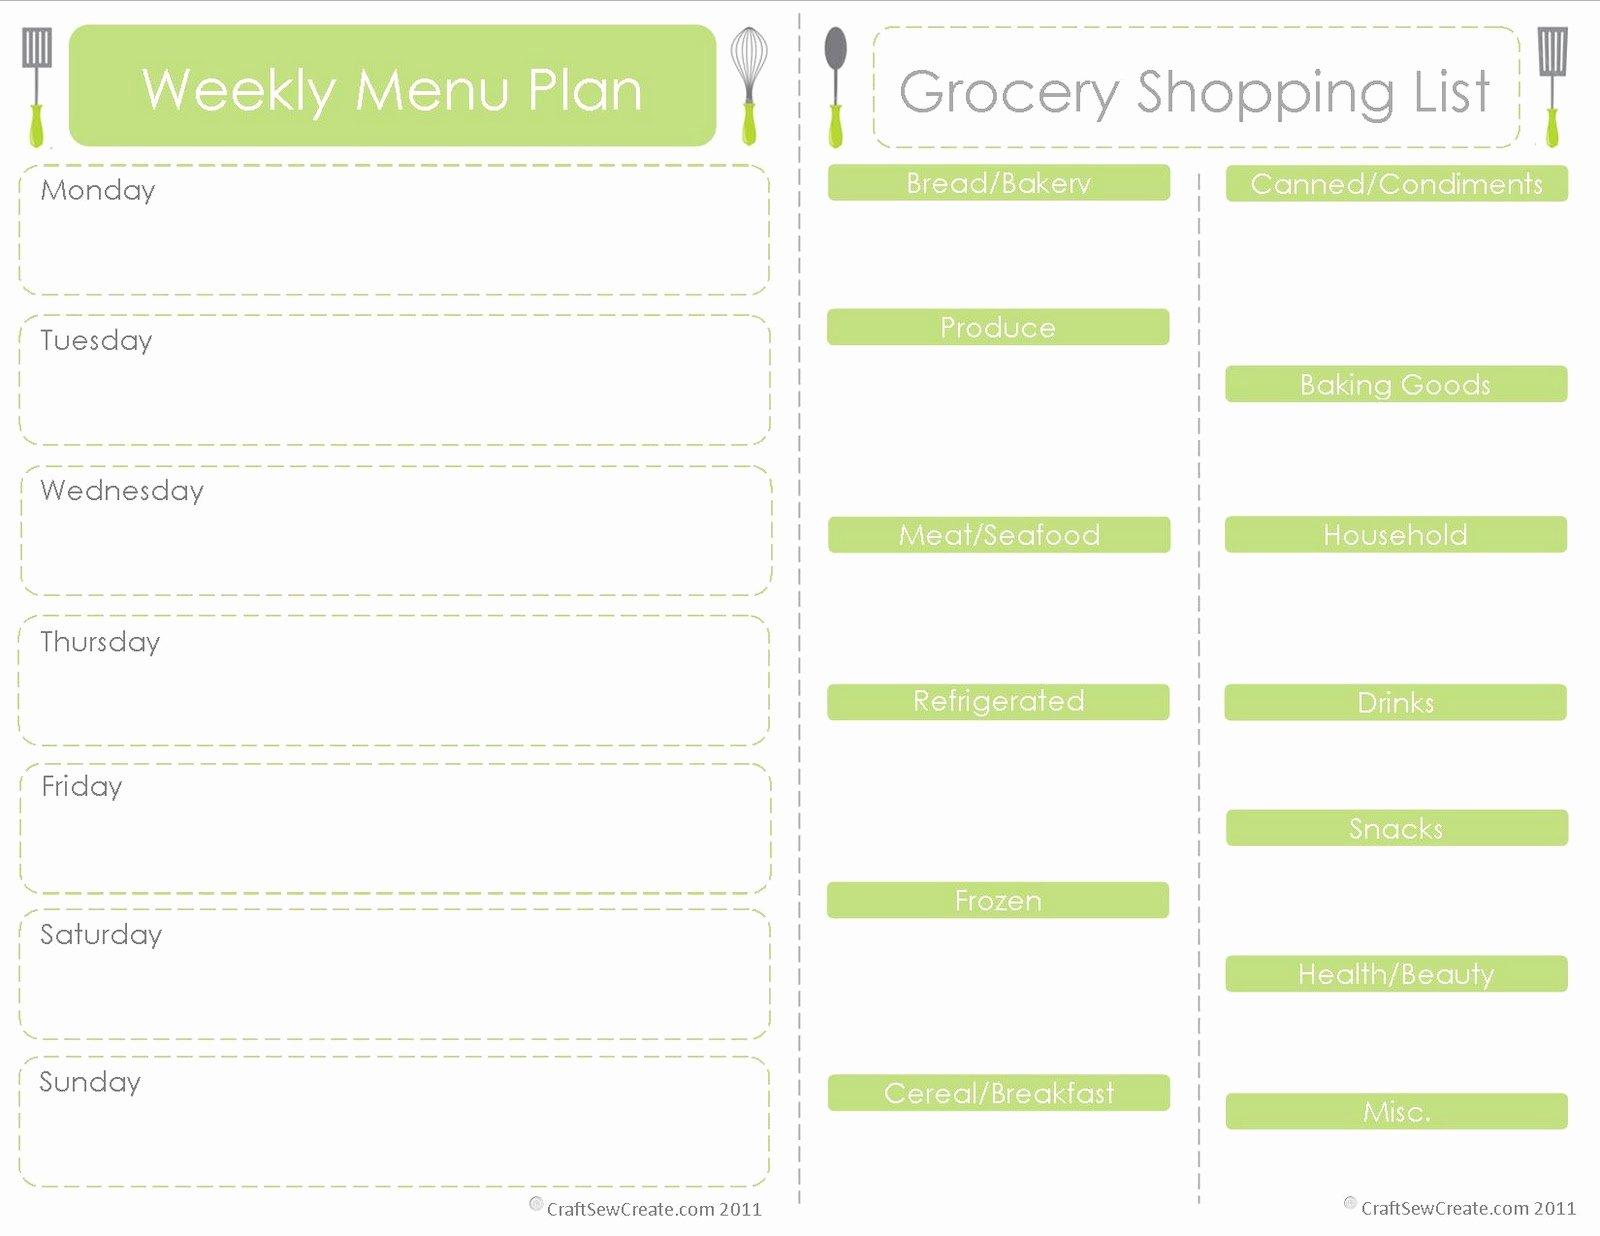 Free Menu Plan Template Lovely Craft Sew Create Free Printable Menu Plan Shopping List